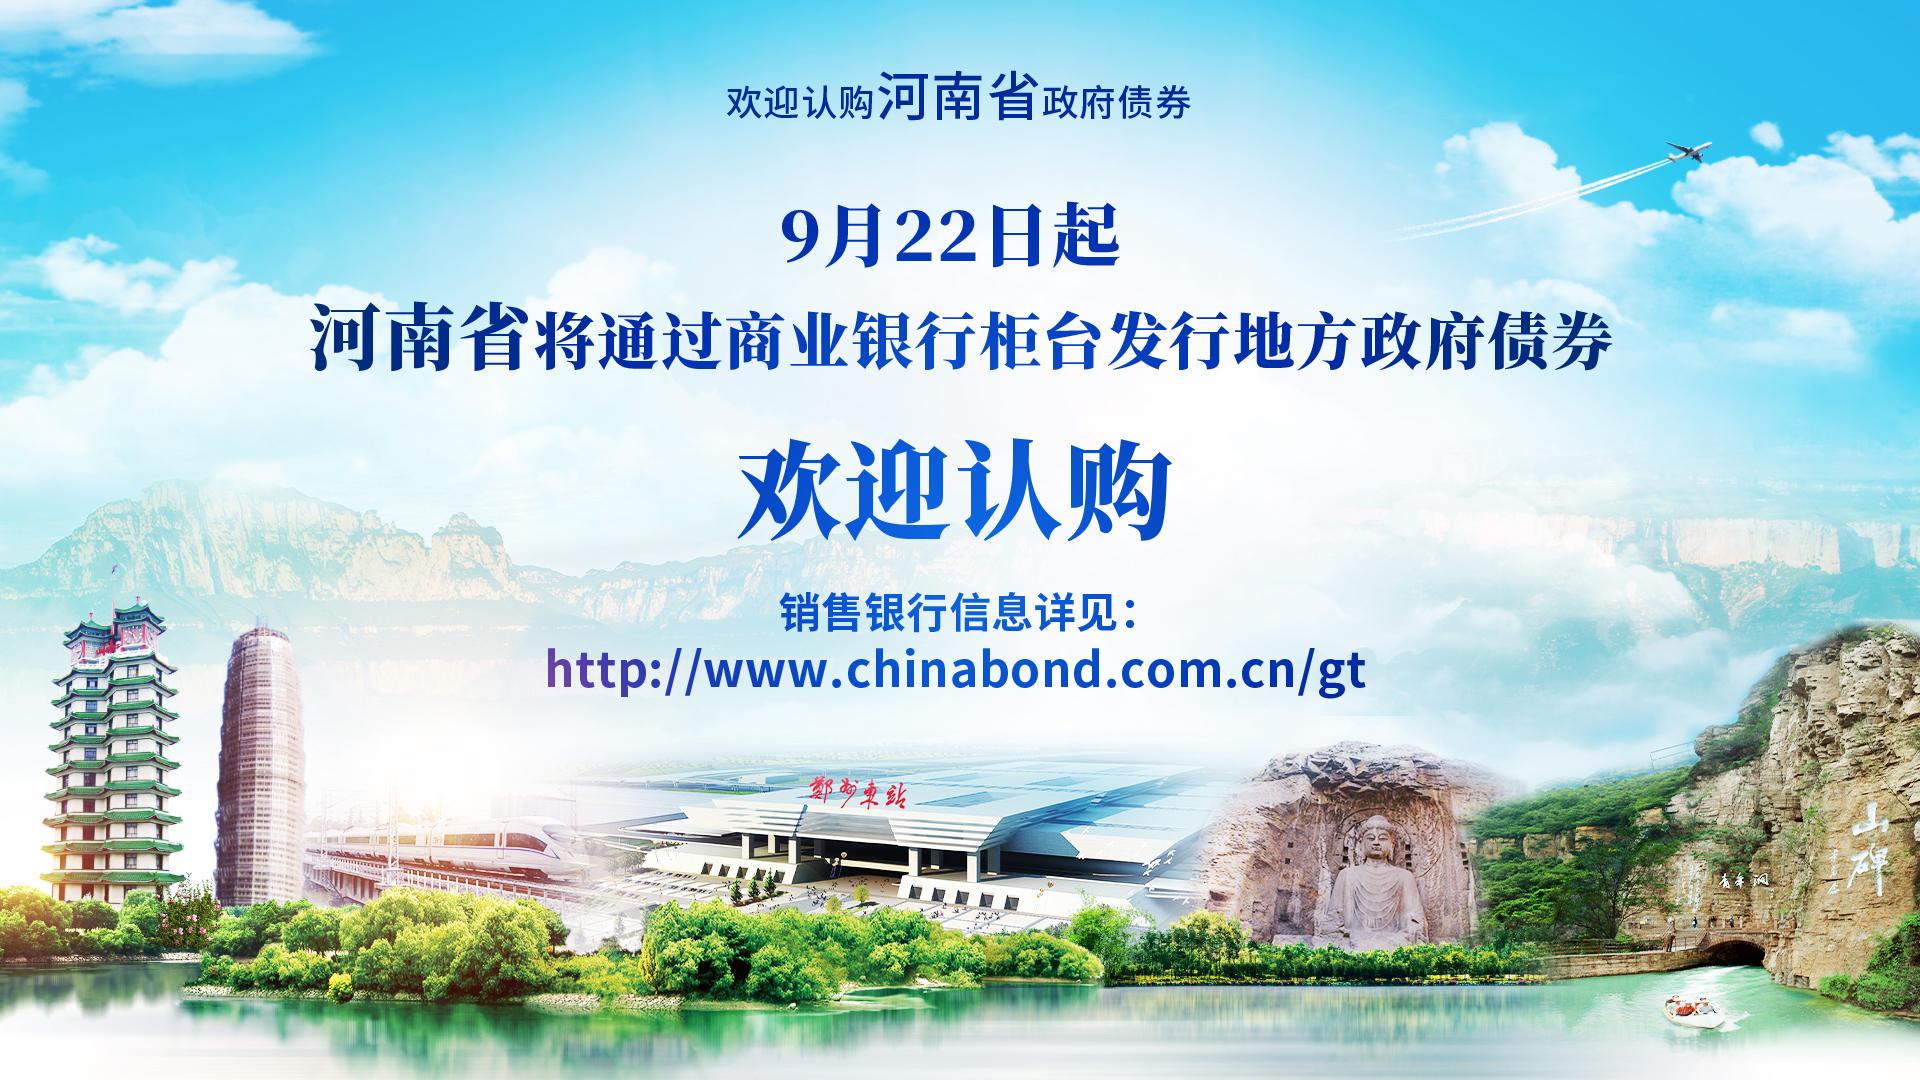 河南省将首次通过银行柜台发行5亿元政府债券